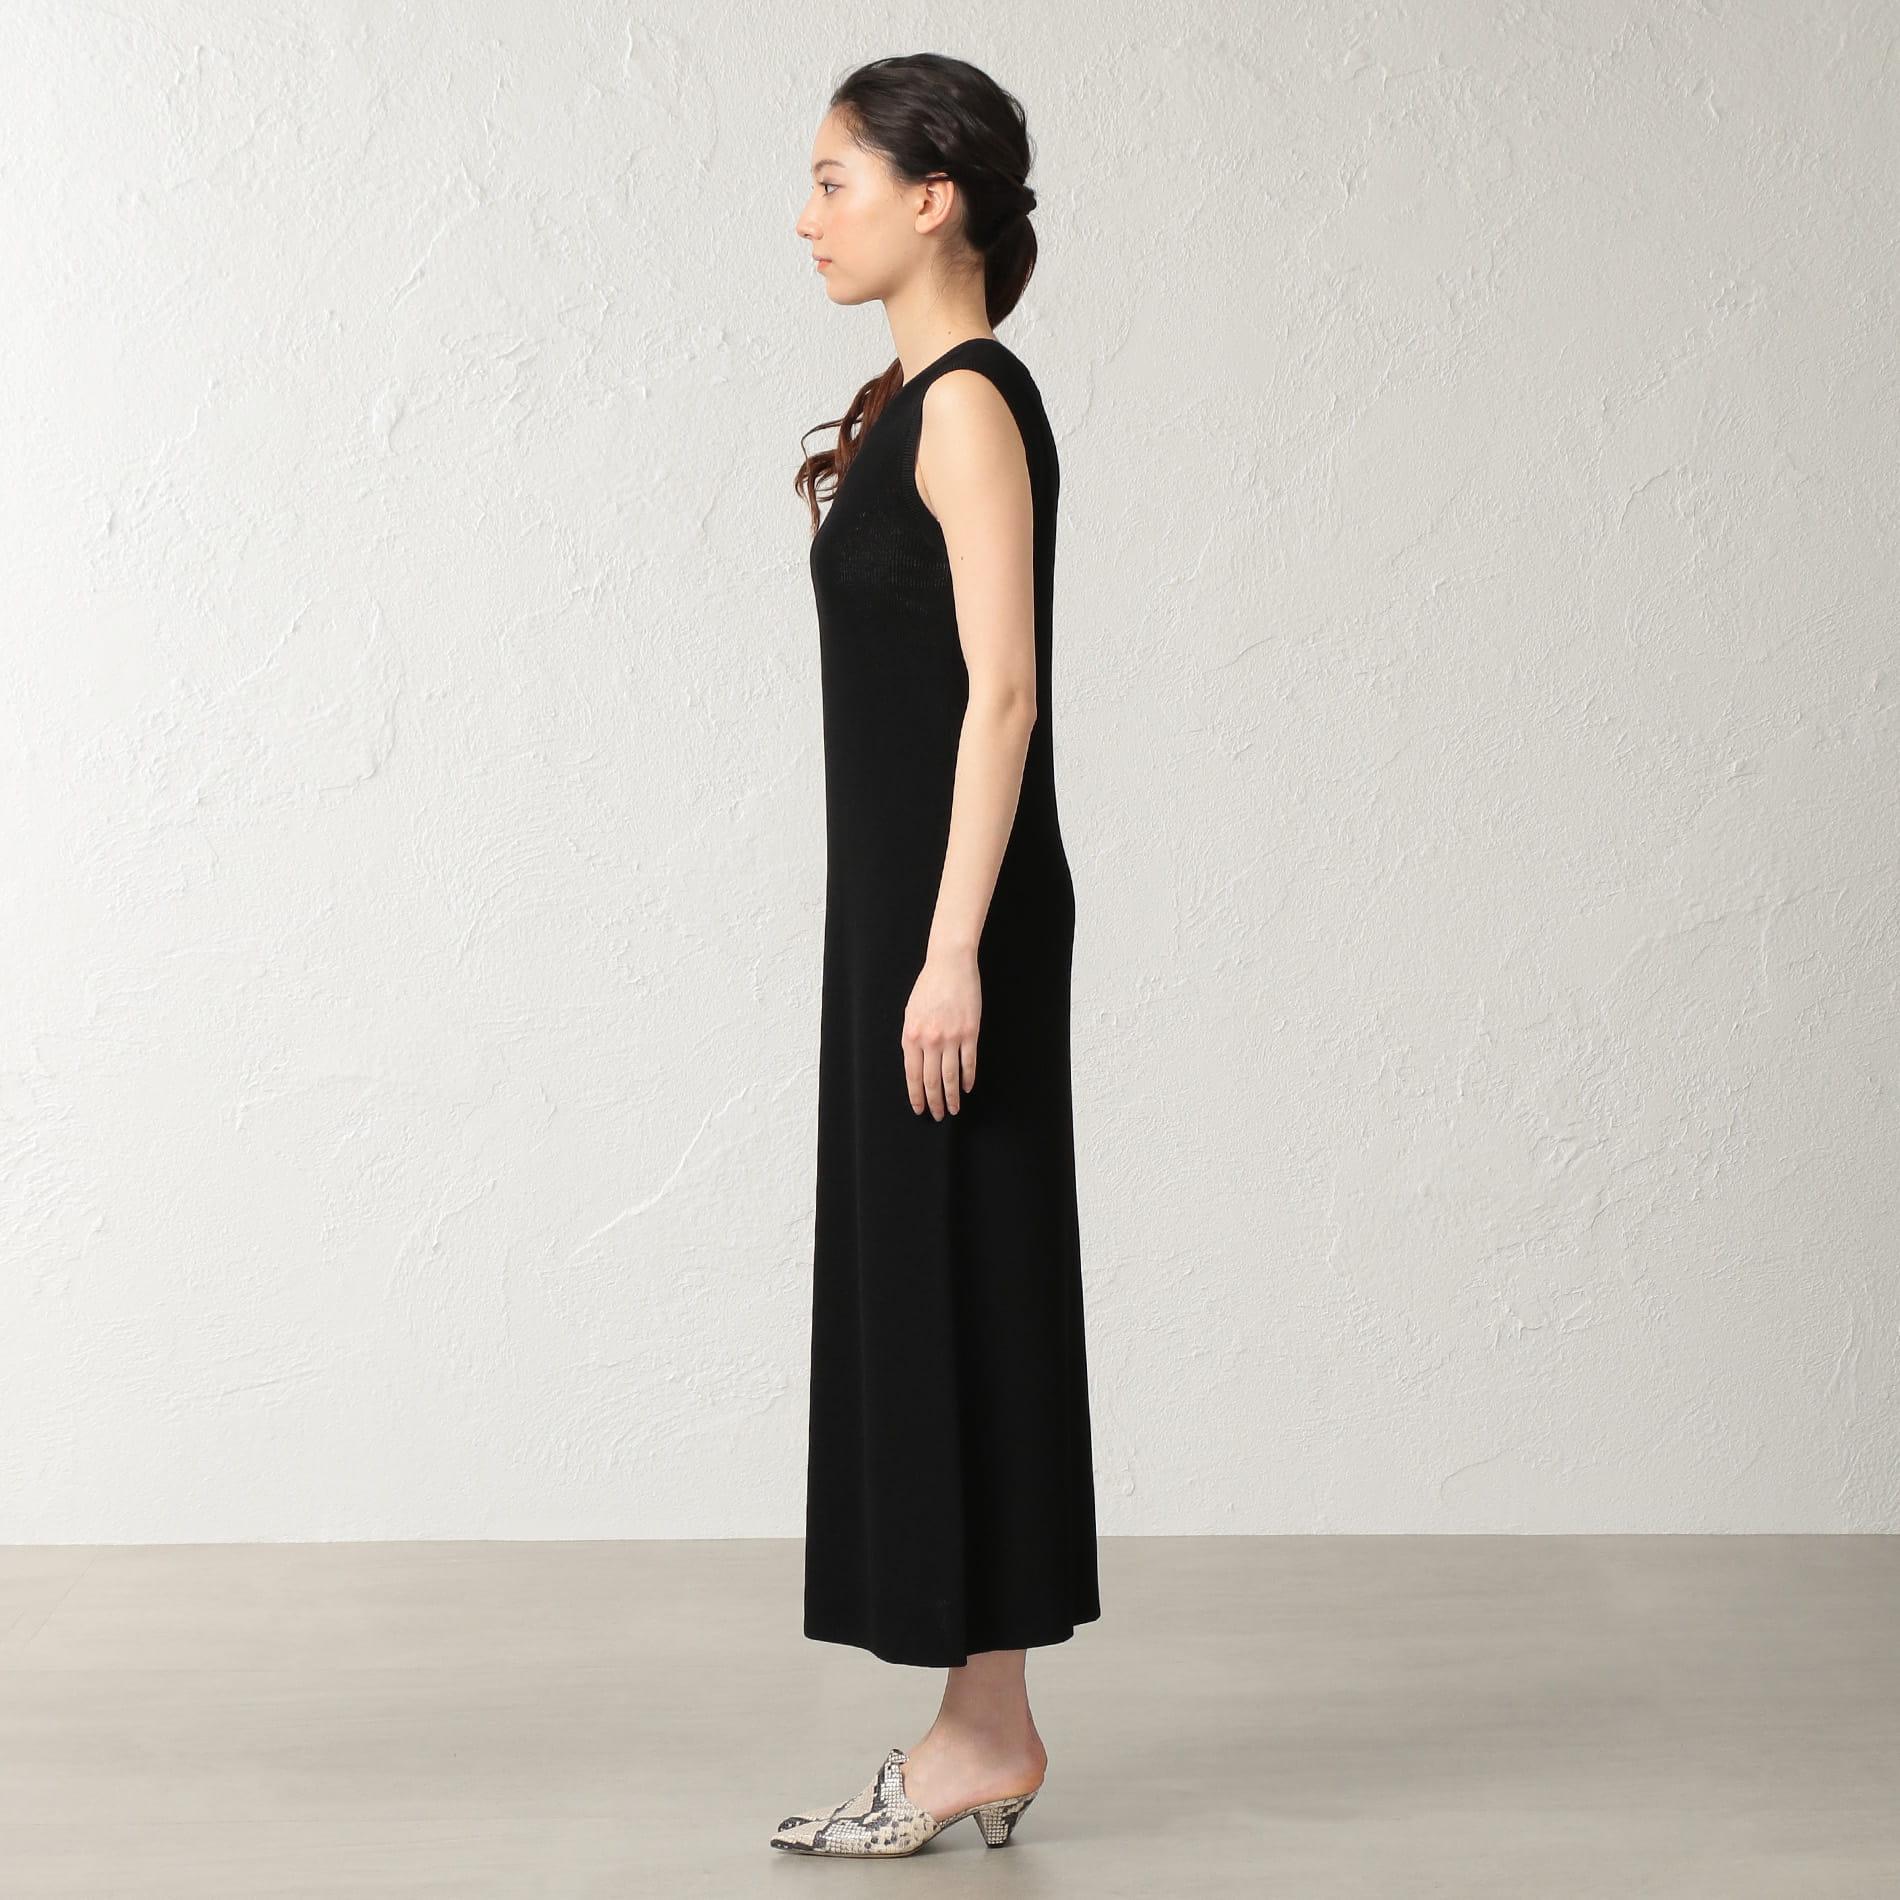 ドライハイツイストドレス